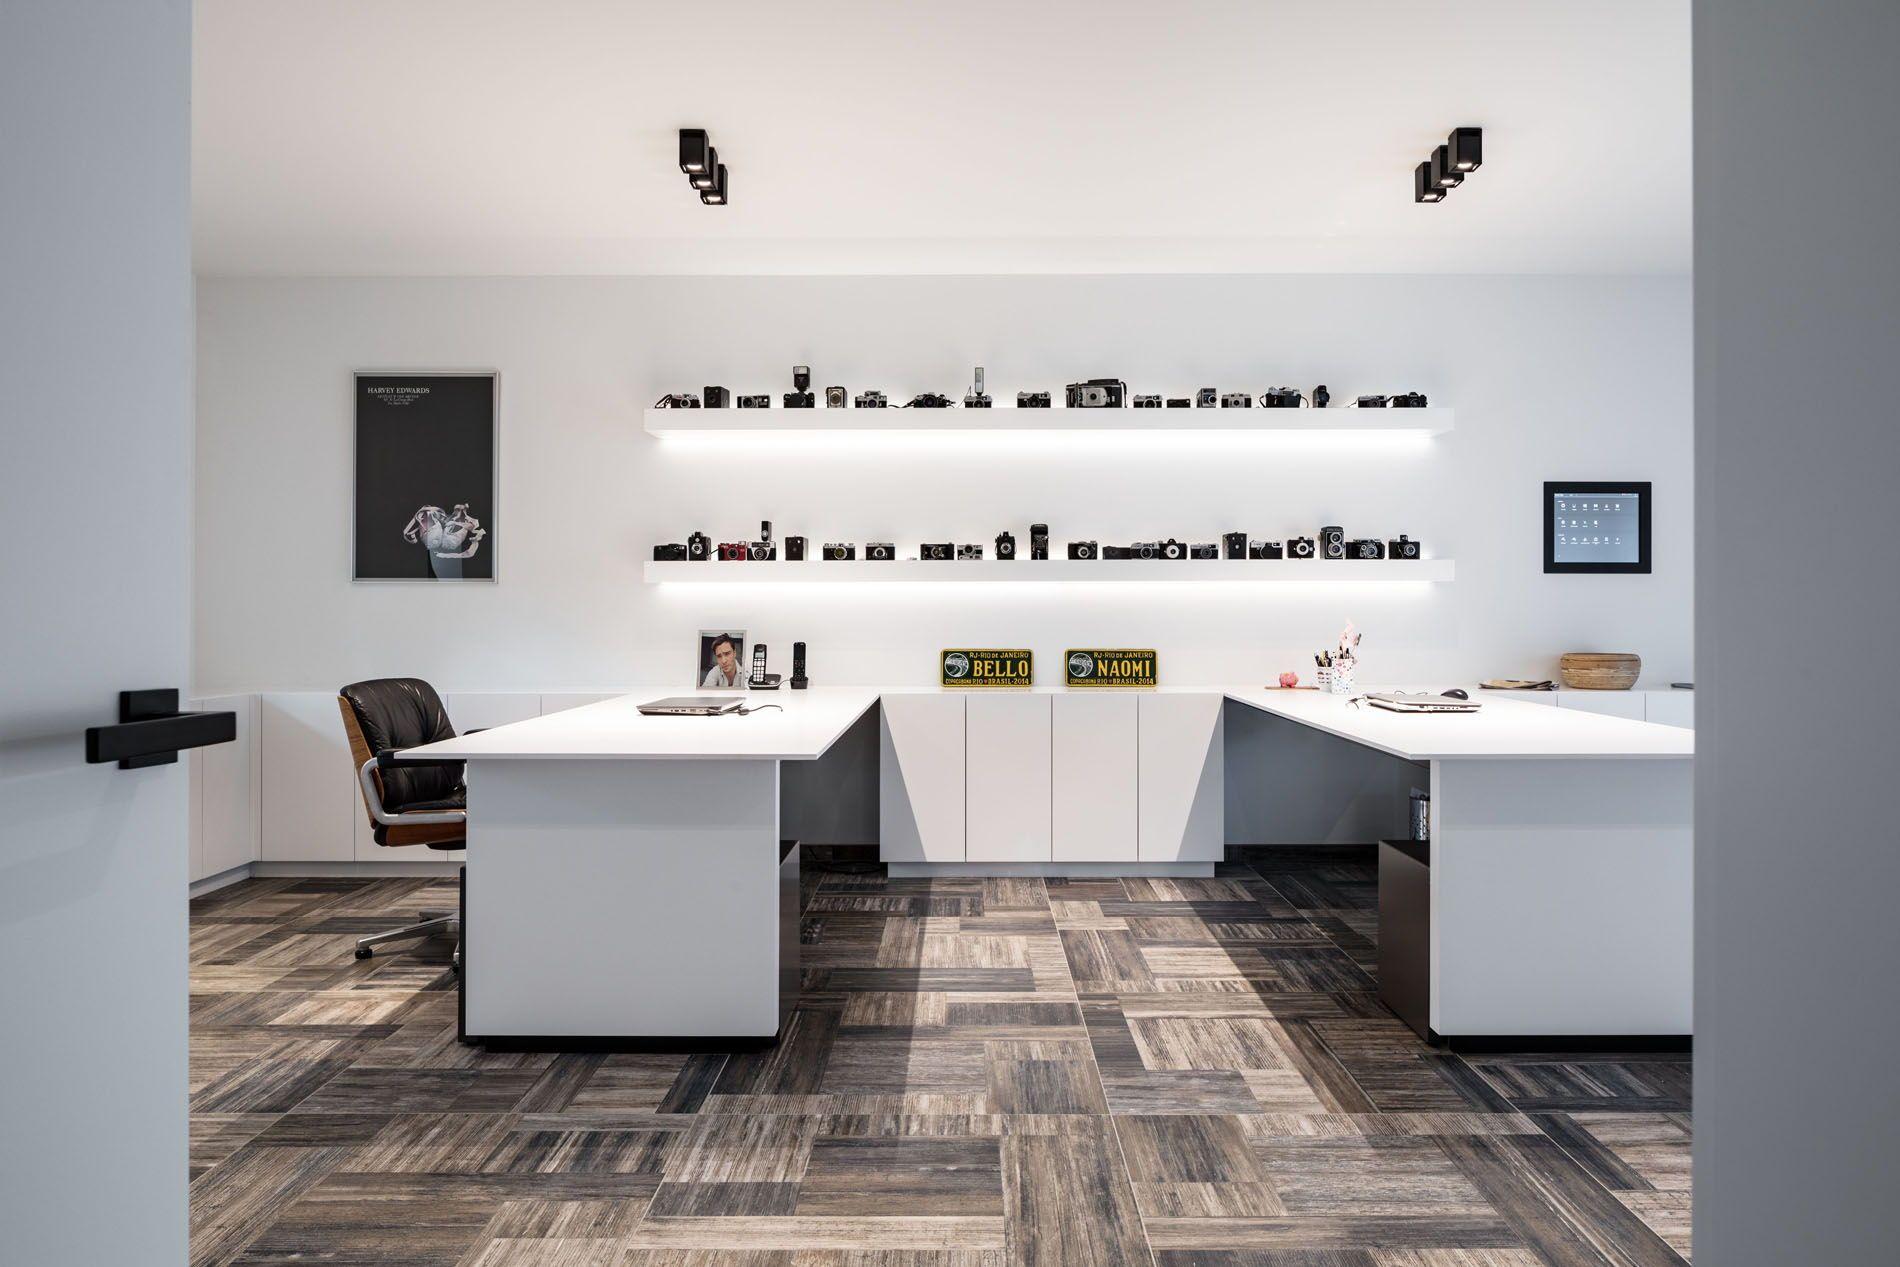 Office Lighting Fixtures Needed Has The Best Lighting Design For Offices Officeighting Ceilinglighting Productdesign Lightingdesign Architectural Desig